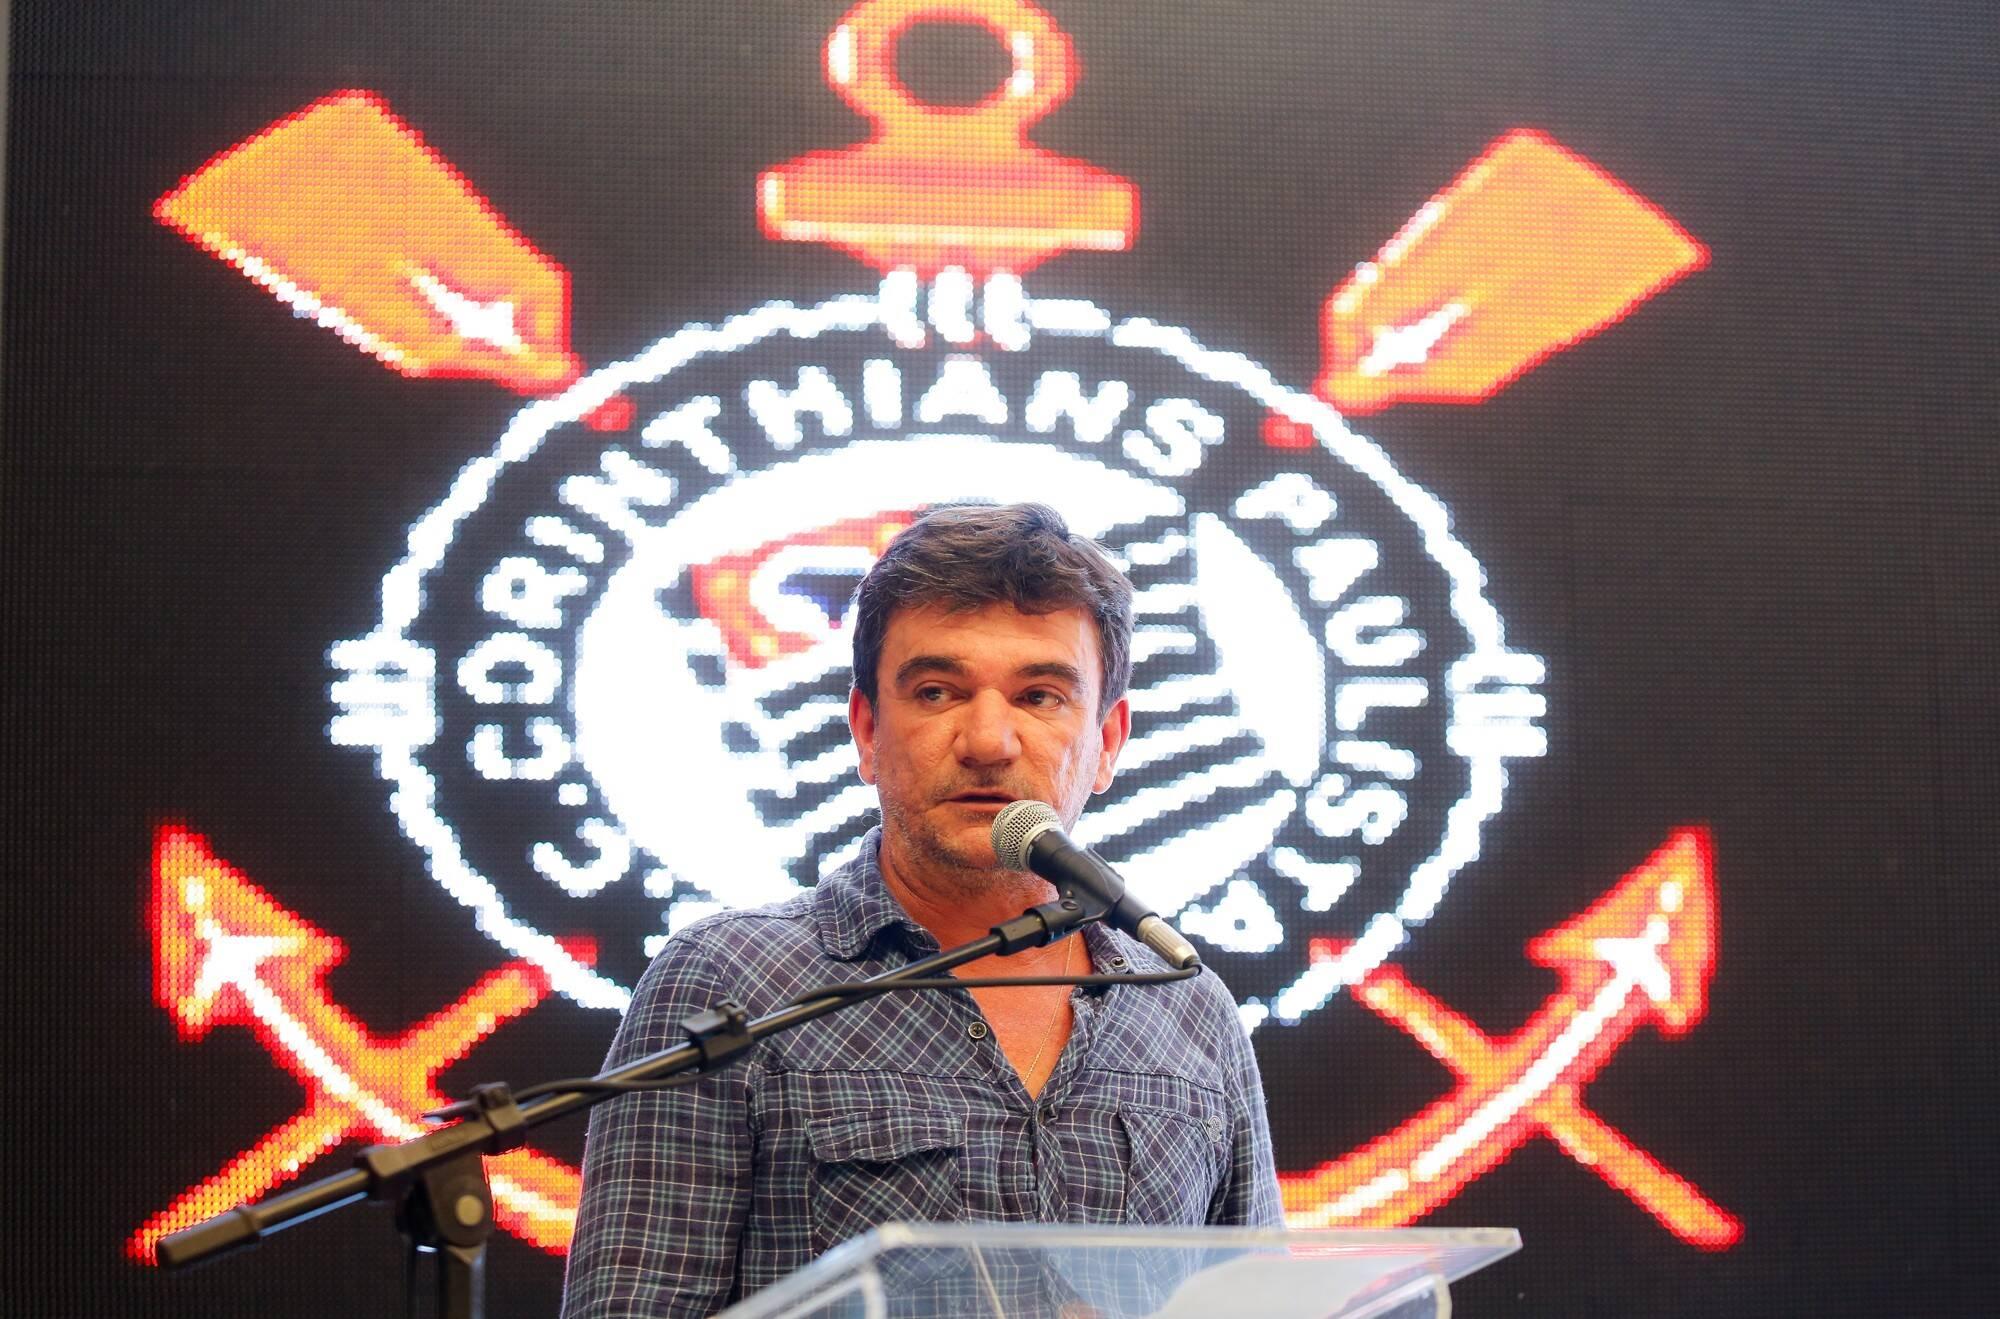 Foto: Rodrigo Coca/Ag. Corinthians